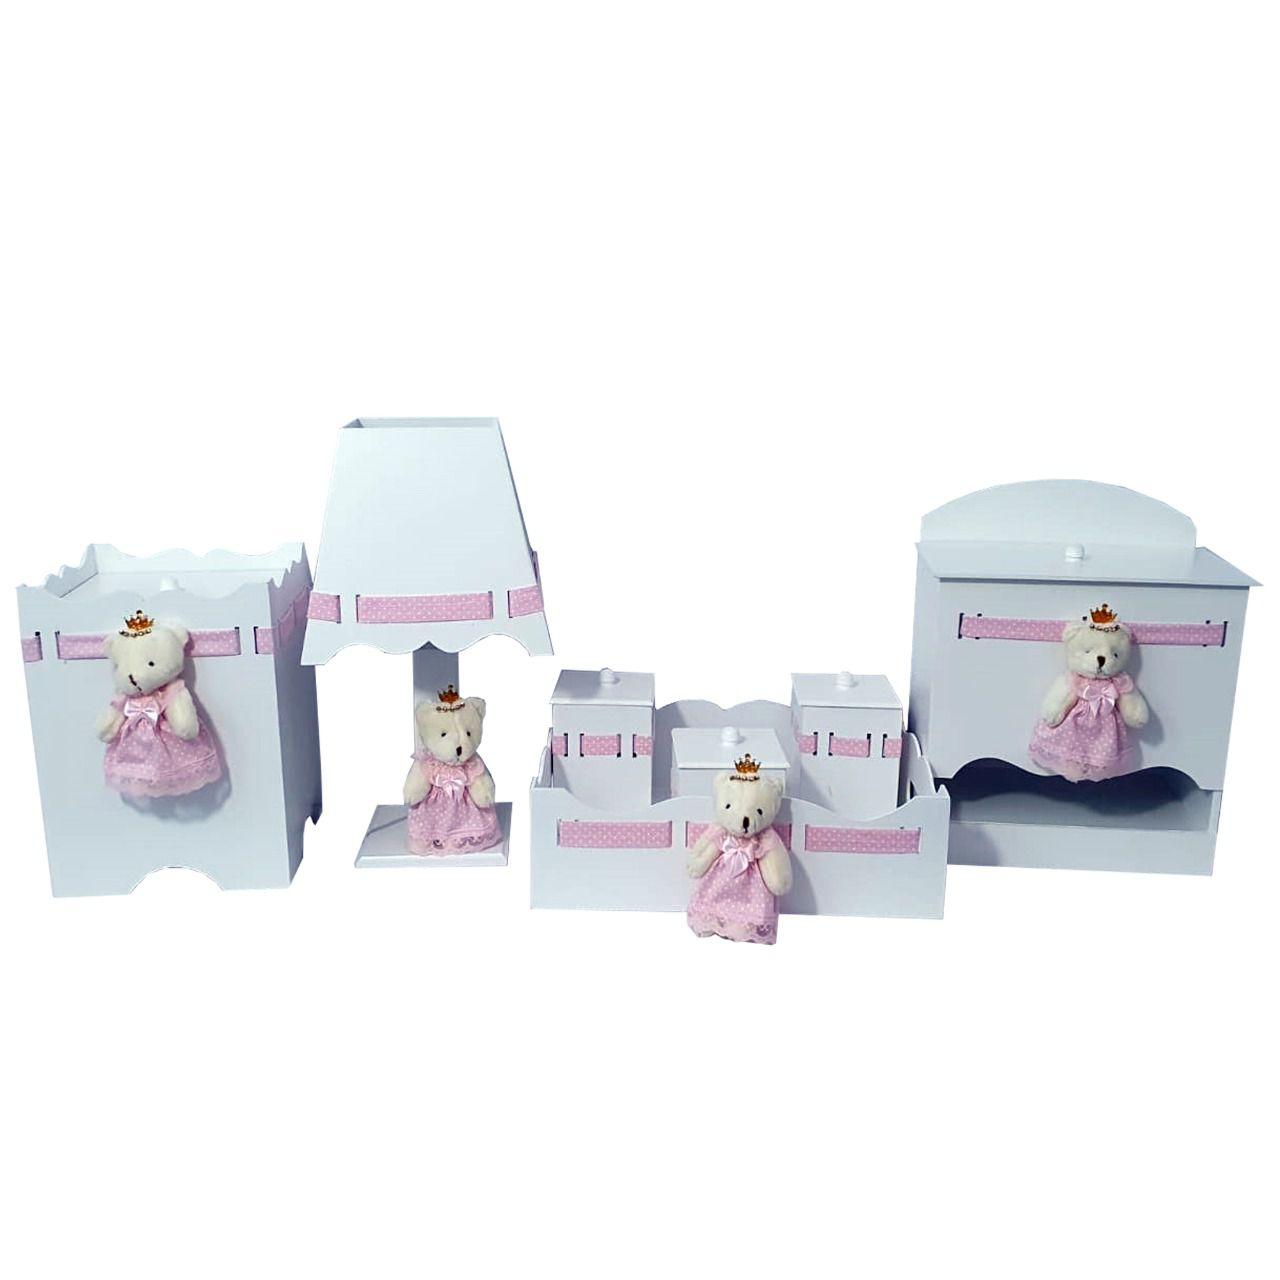 kit higiene  7 peças ursa rosa poa  decoração quarto bebê infantil -Nitababy